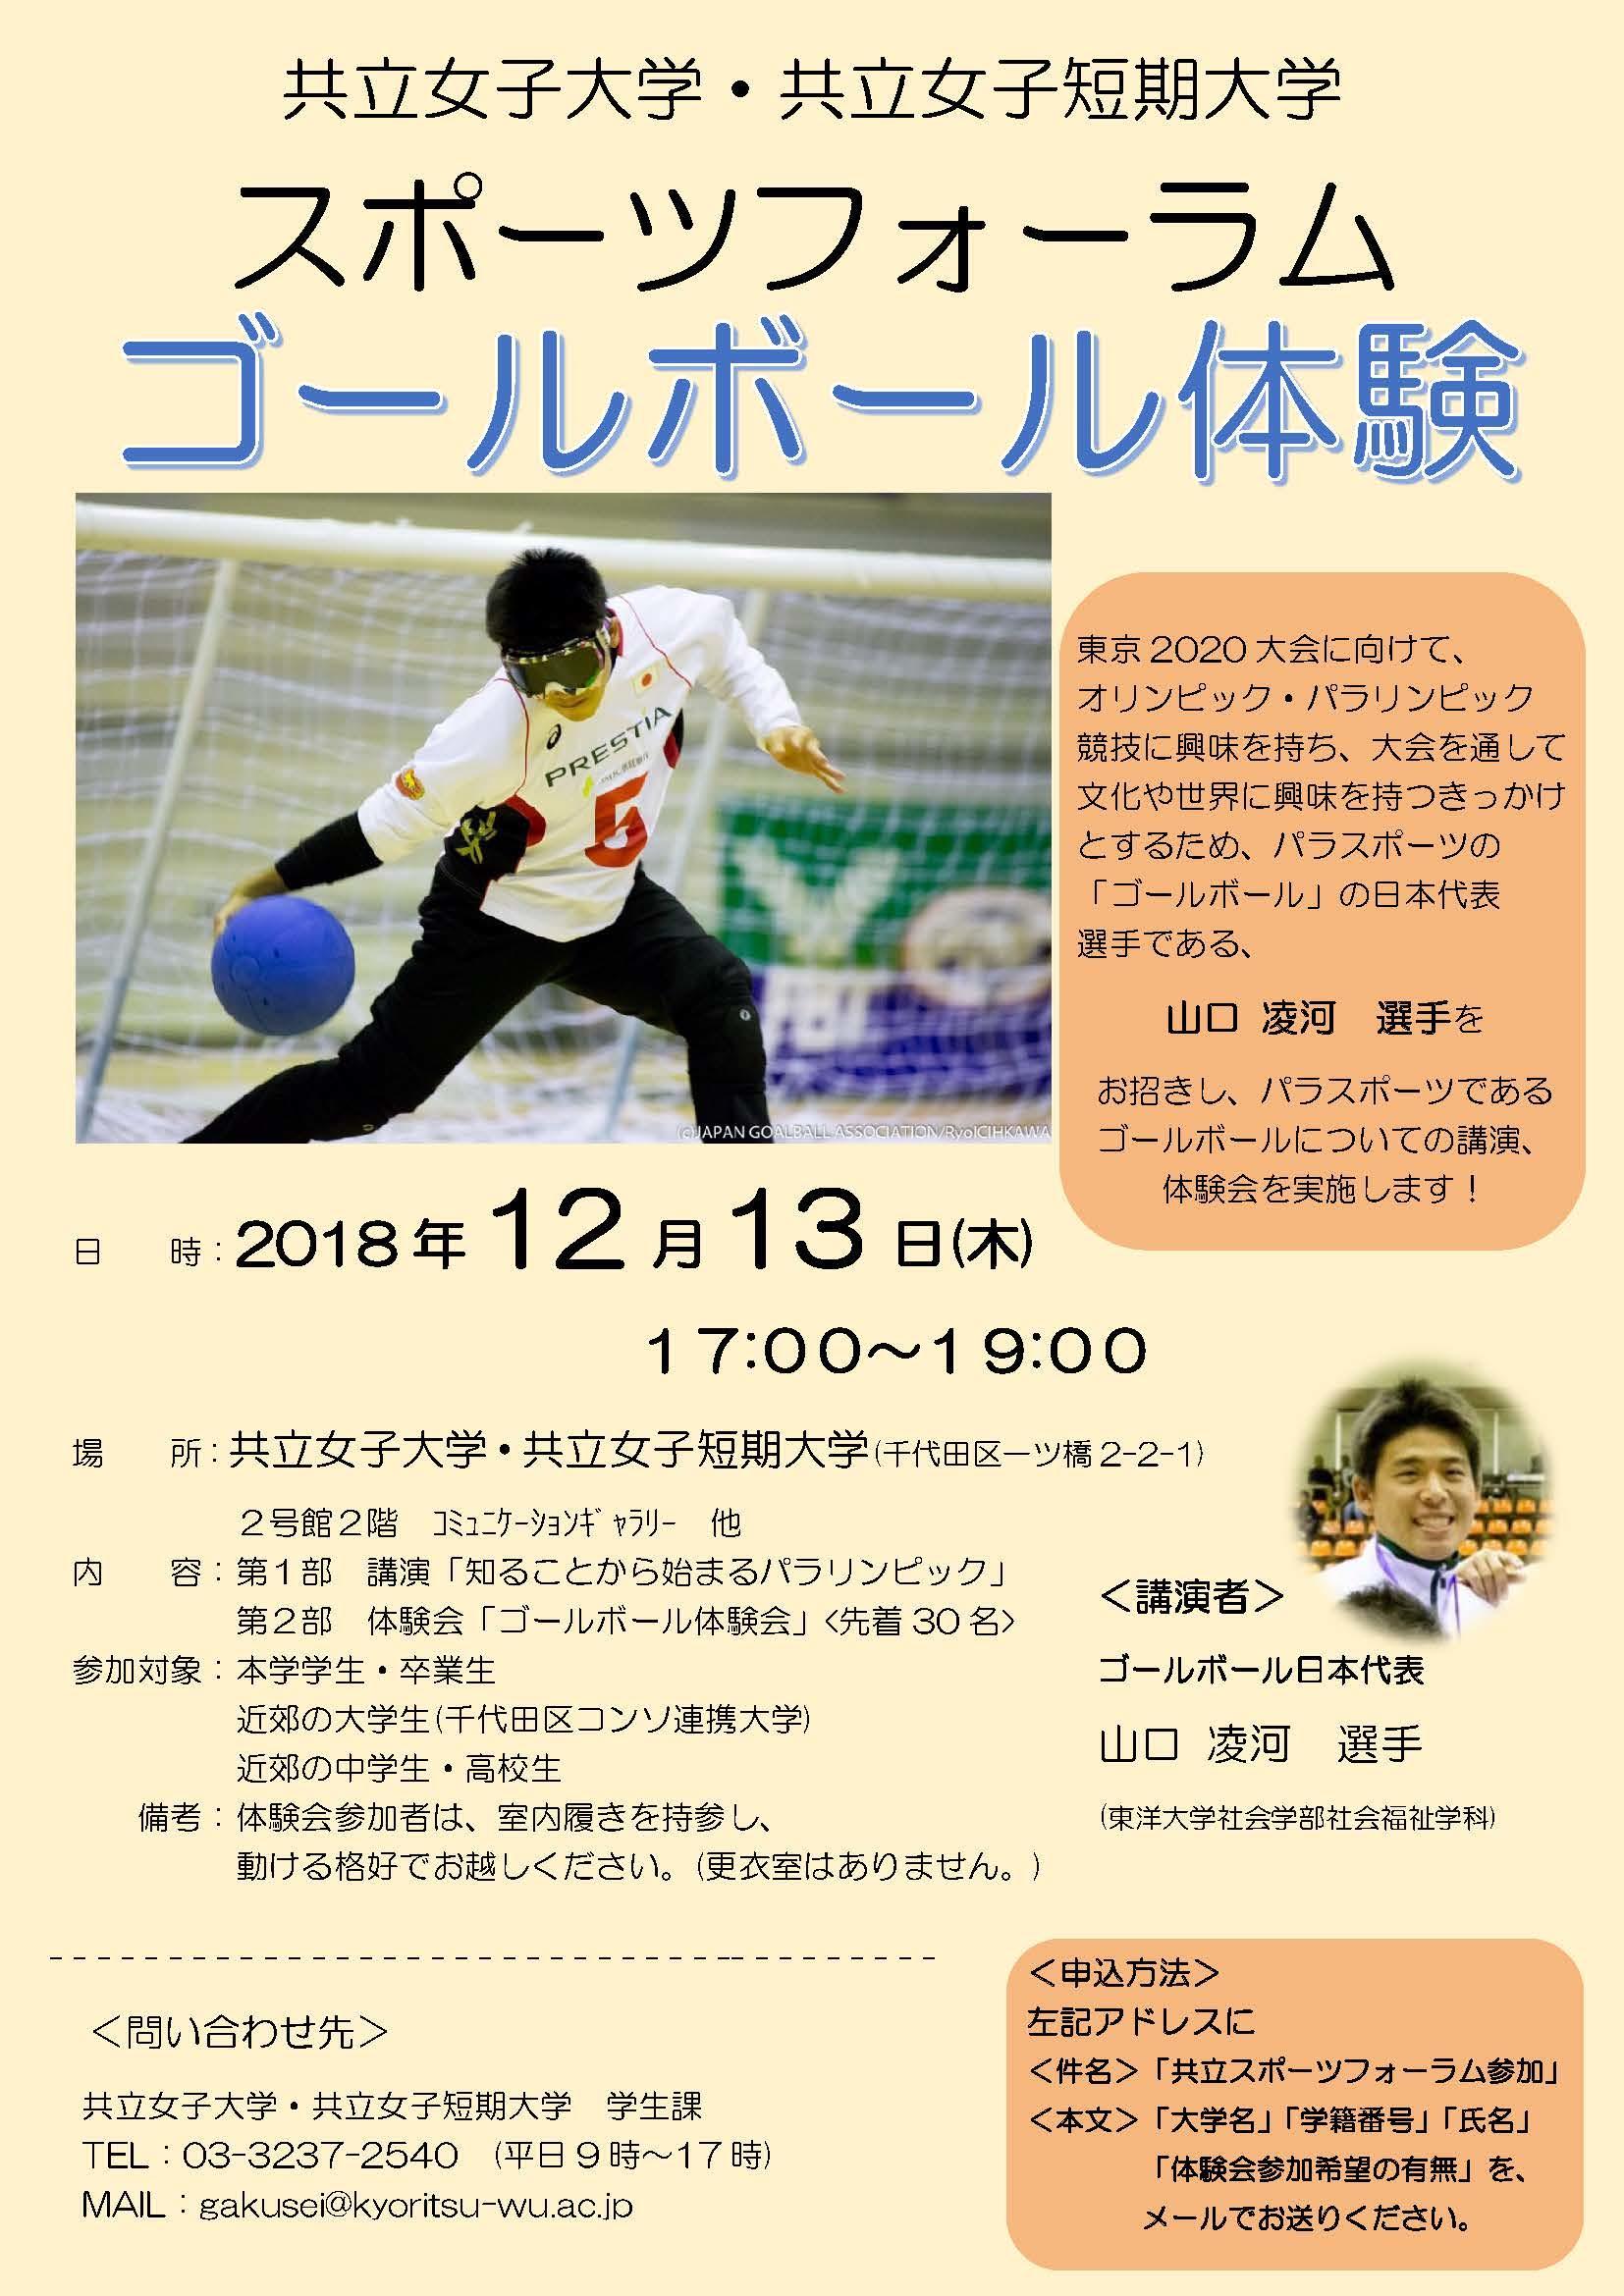 共立女子大学・共立女子短期大学でスポーツフォーラム2018「ゴールボール体験」を実施! -- スポーツを通して文化や競技に興味と関心を --